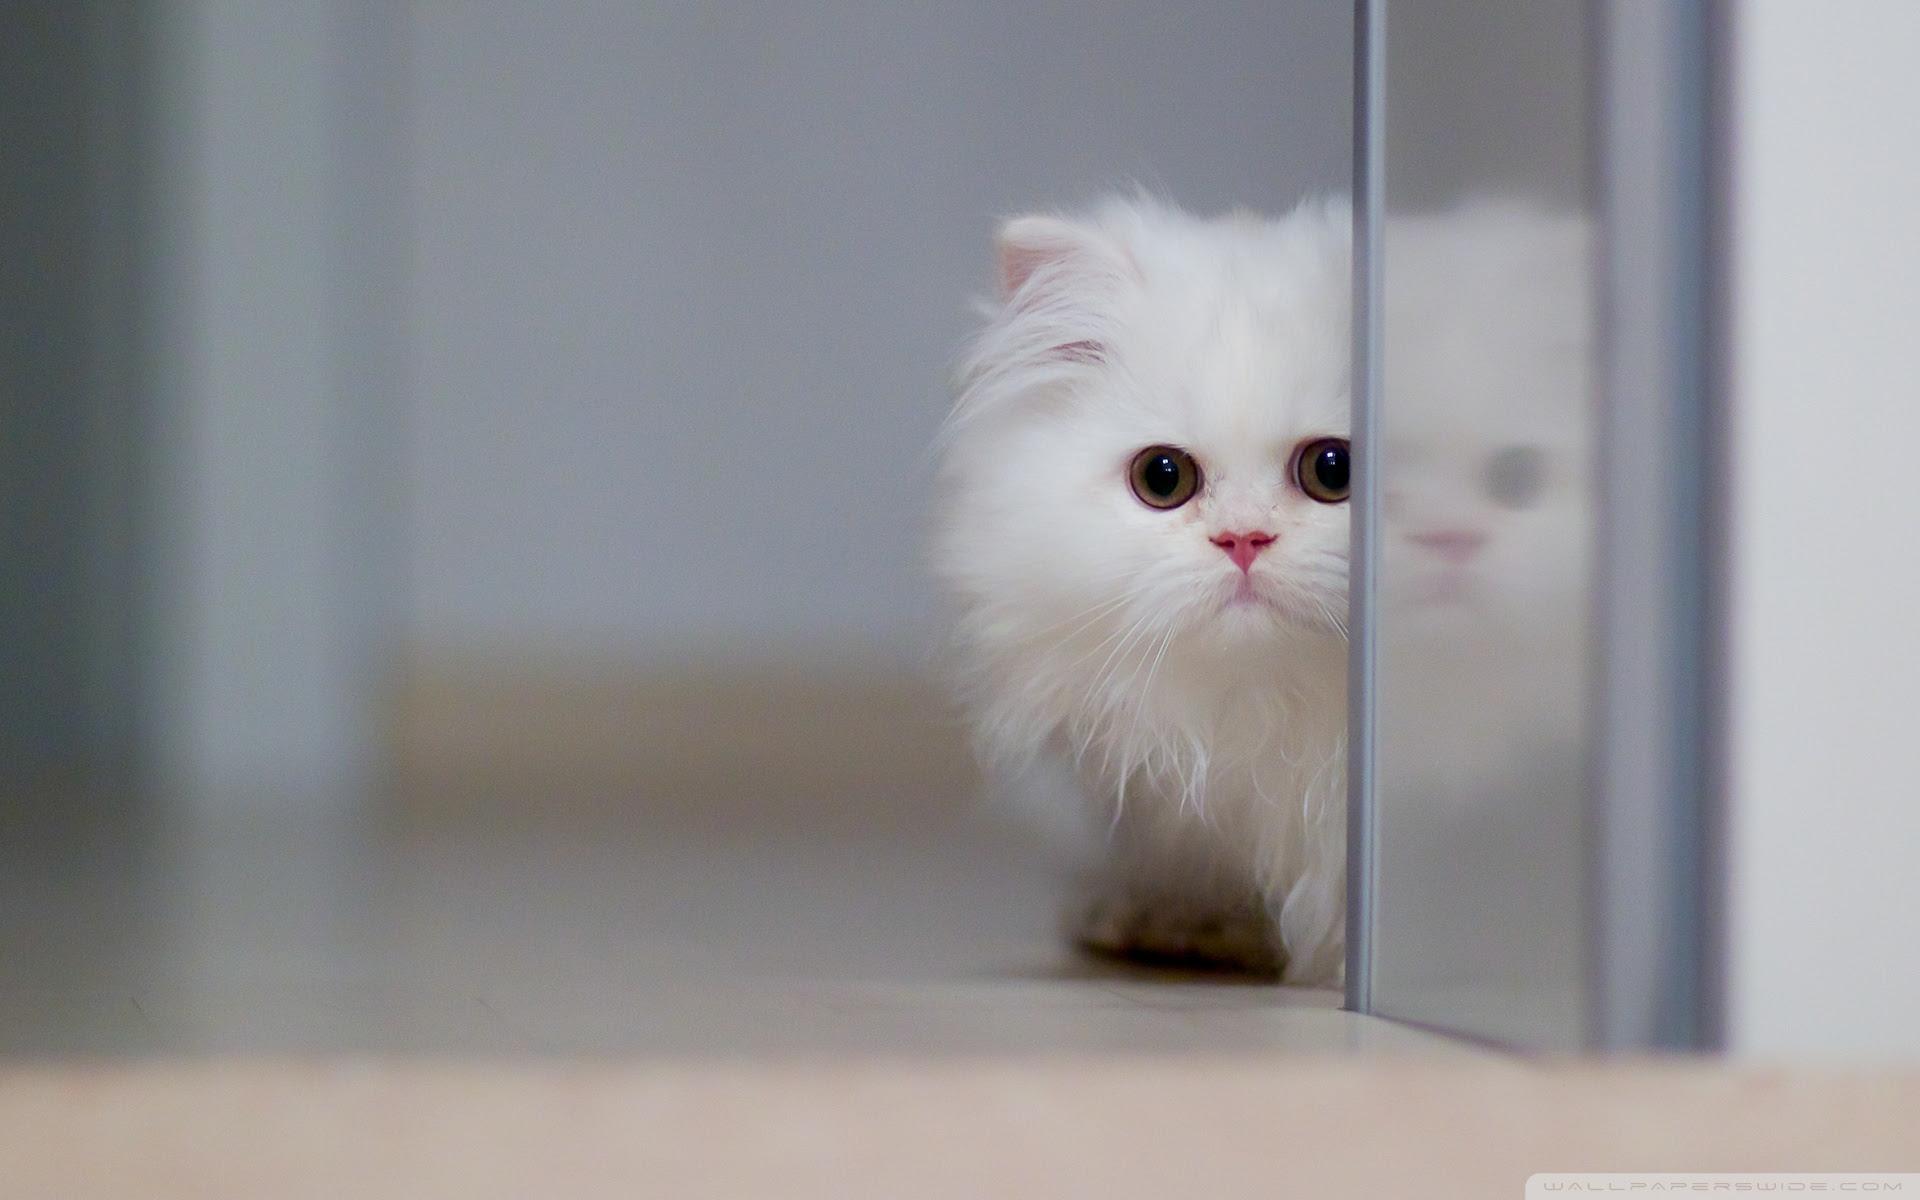 Cute White Cat 4k Hd Desktop Wallpaper For 4k Ultra Hd Tv Wide